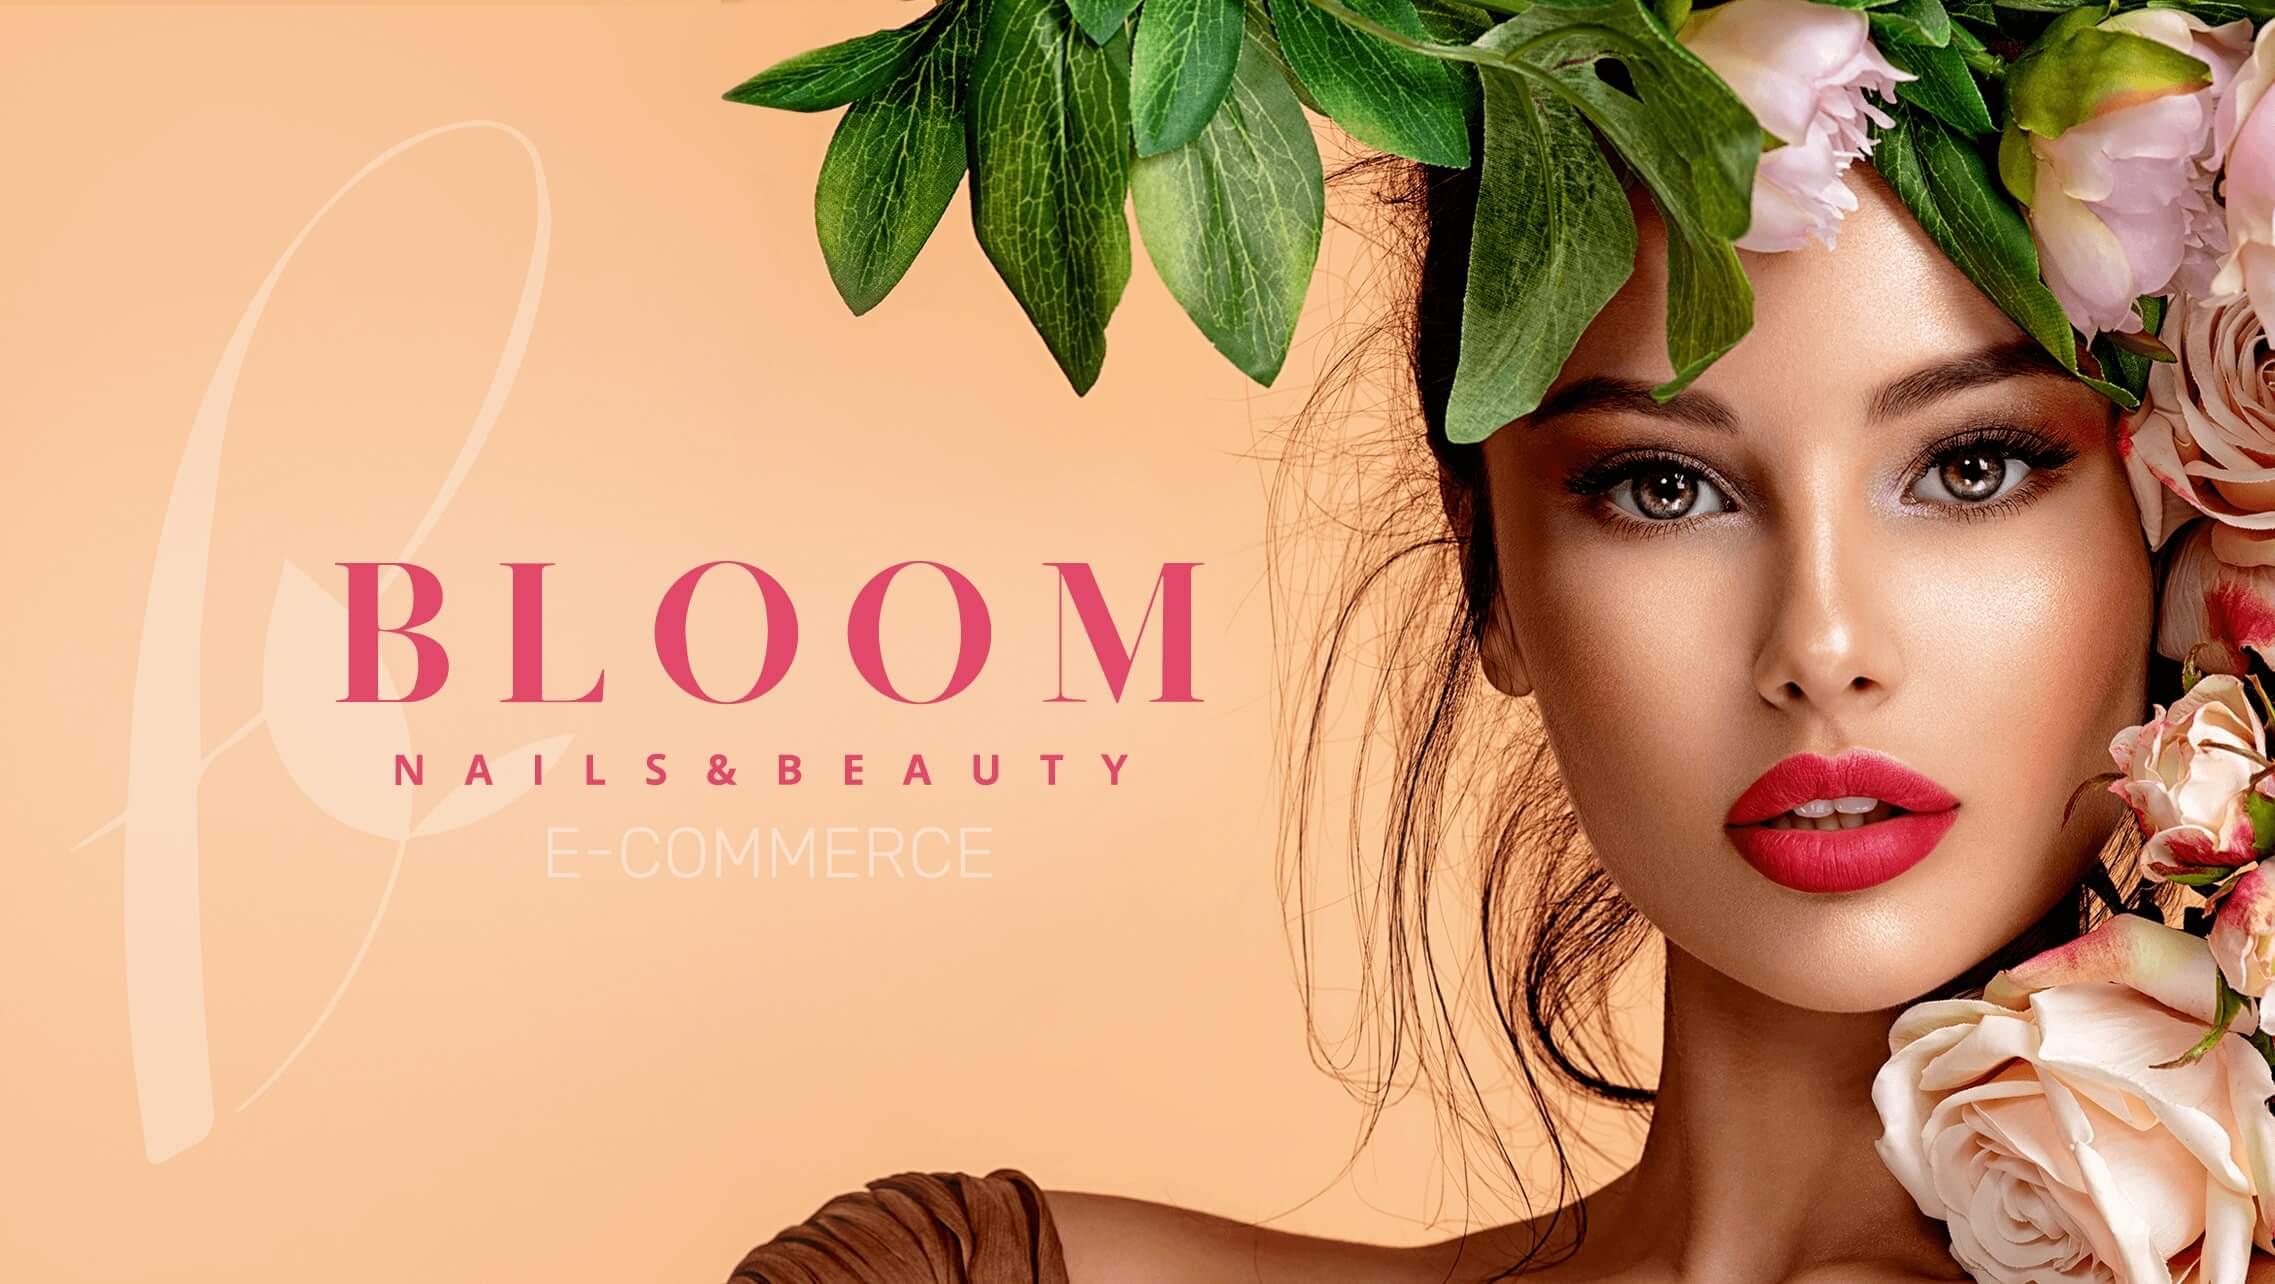 Створення інтернет магазину косметики Bloom-store